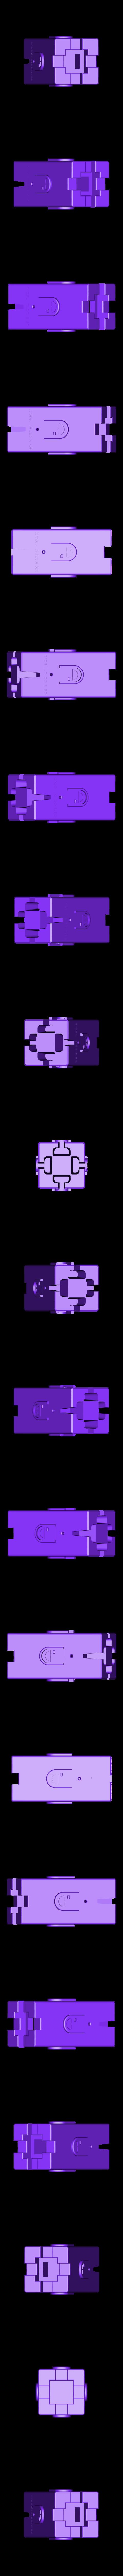 Scout_Tower_+_Hollow_(Modular Castle Playset - 3D-printable)_By_CreativeTools.se.stl Télécharger fichier STL gratuit Plateau modulaire de château (imprimable en 3D) • Modèle à imprimer en 3D, CreativeTools